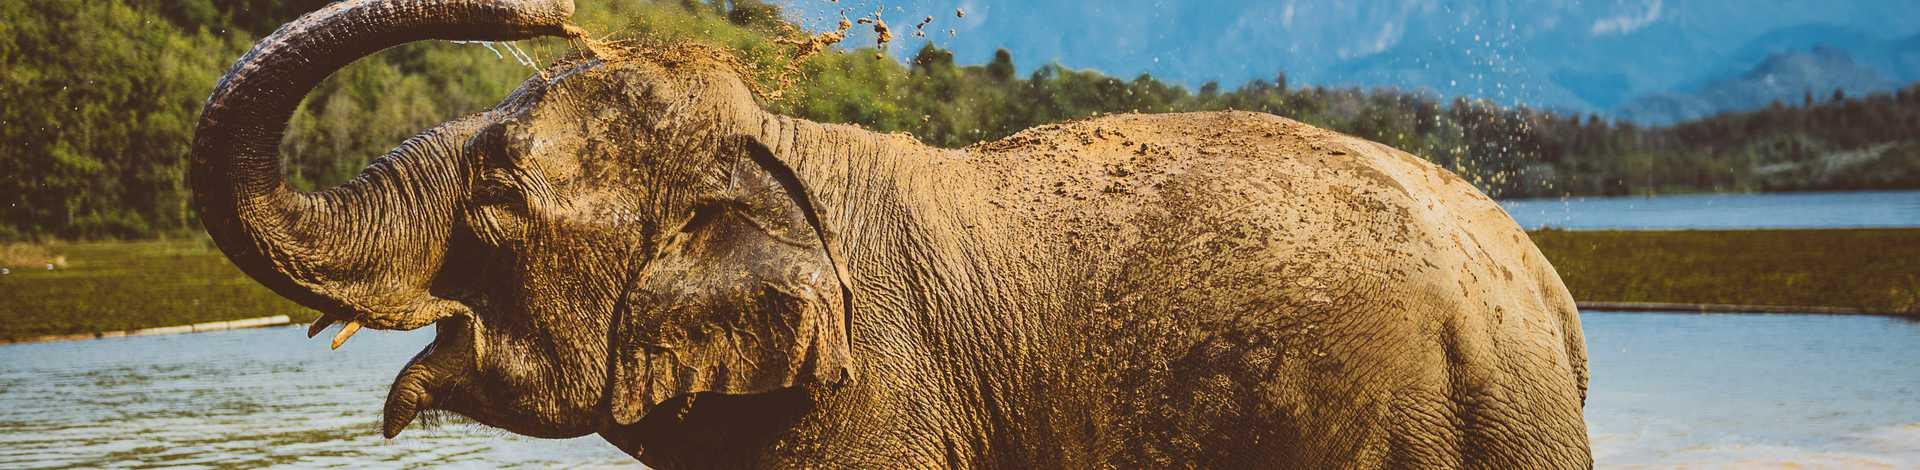 Elephant Conservation Center Laos Xayaboury